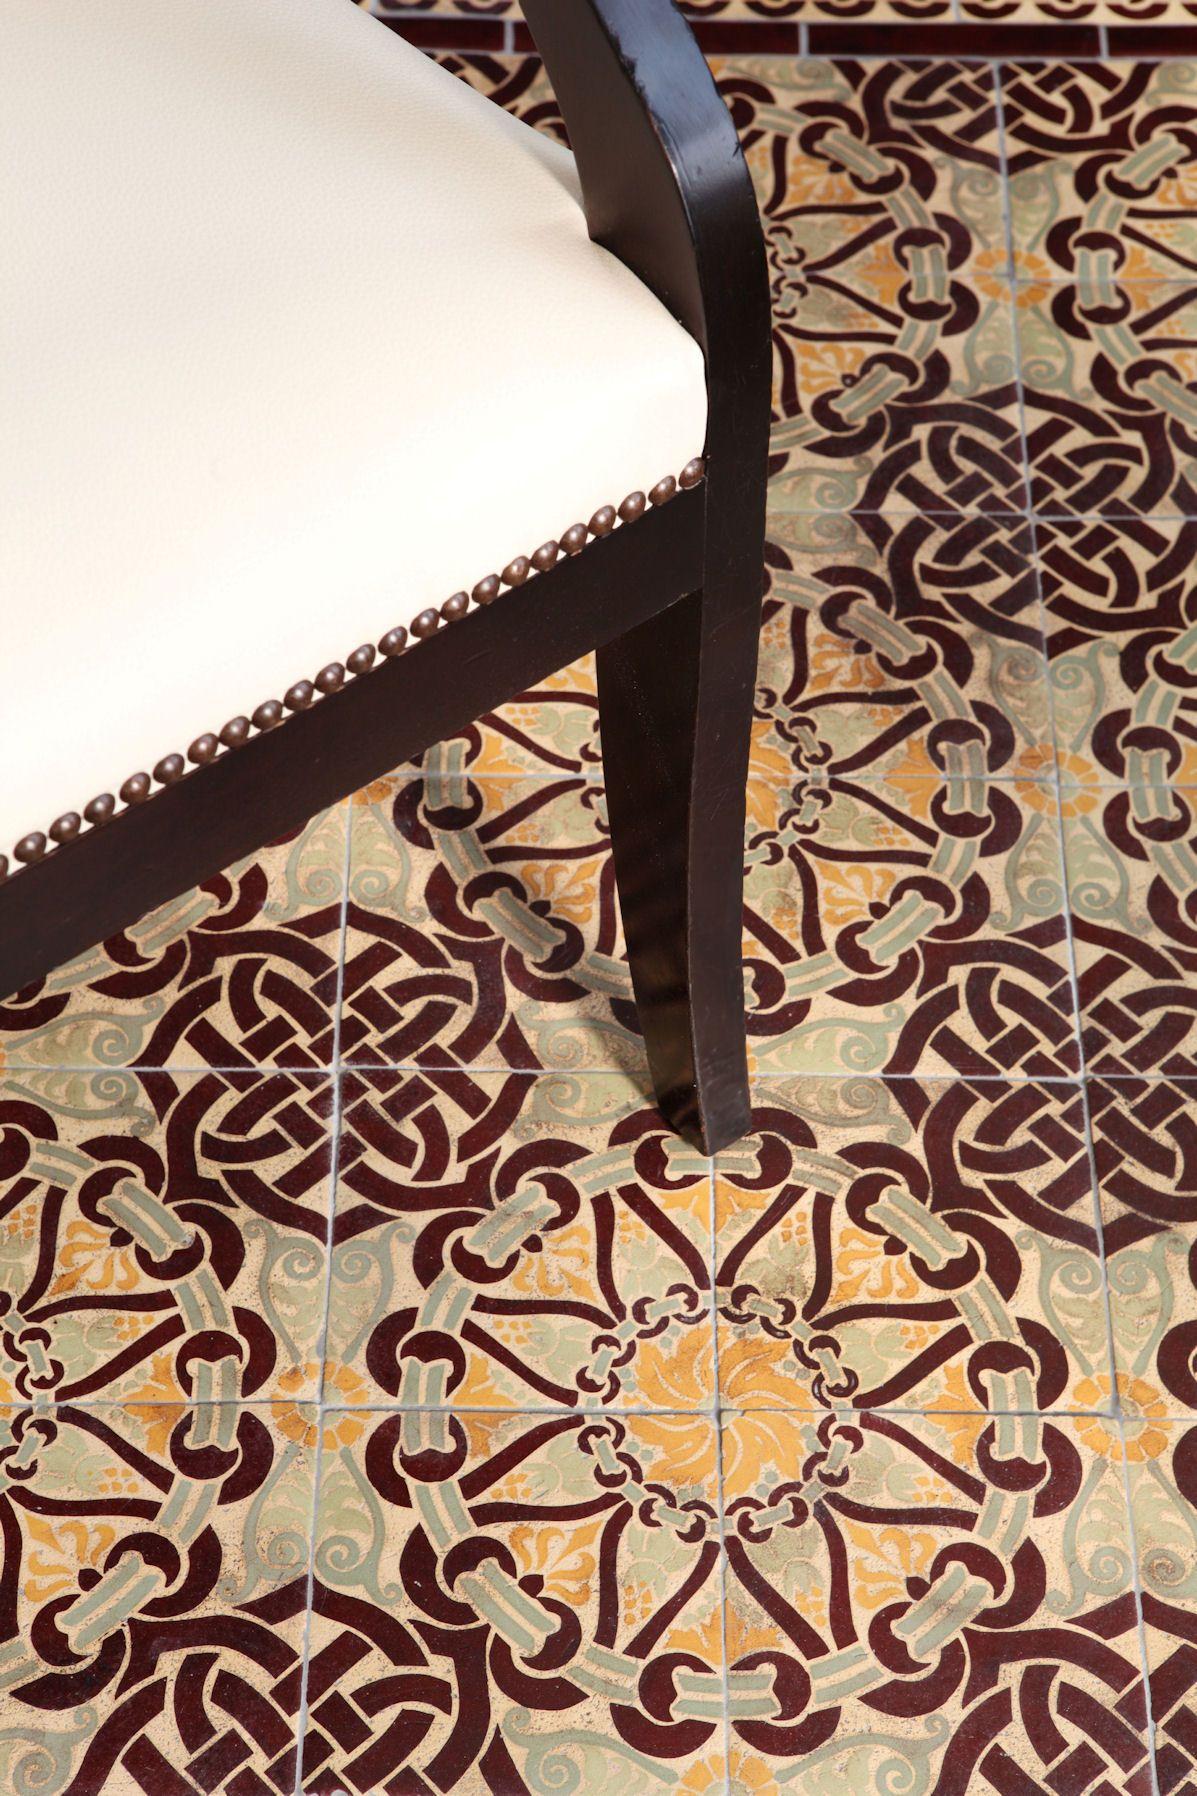 KJP Hand Painted Ceramic Tile Floor Tile Inspiration